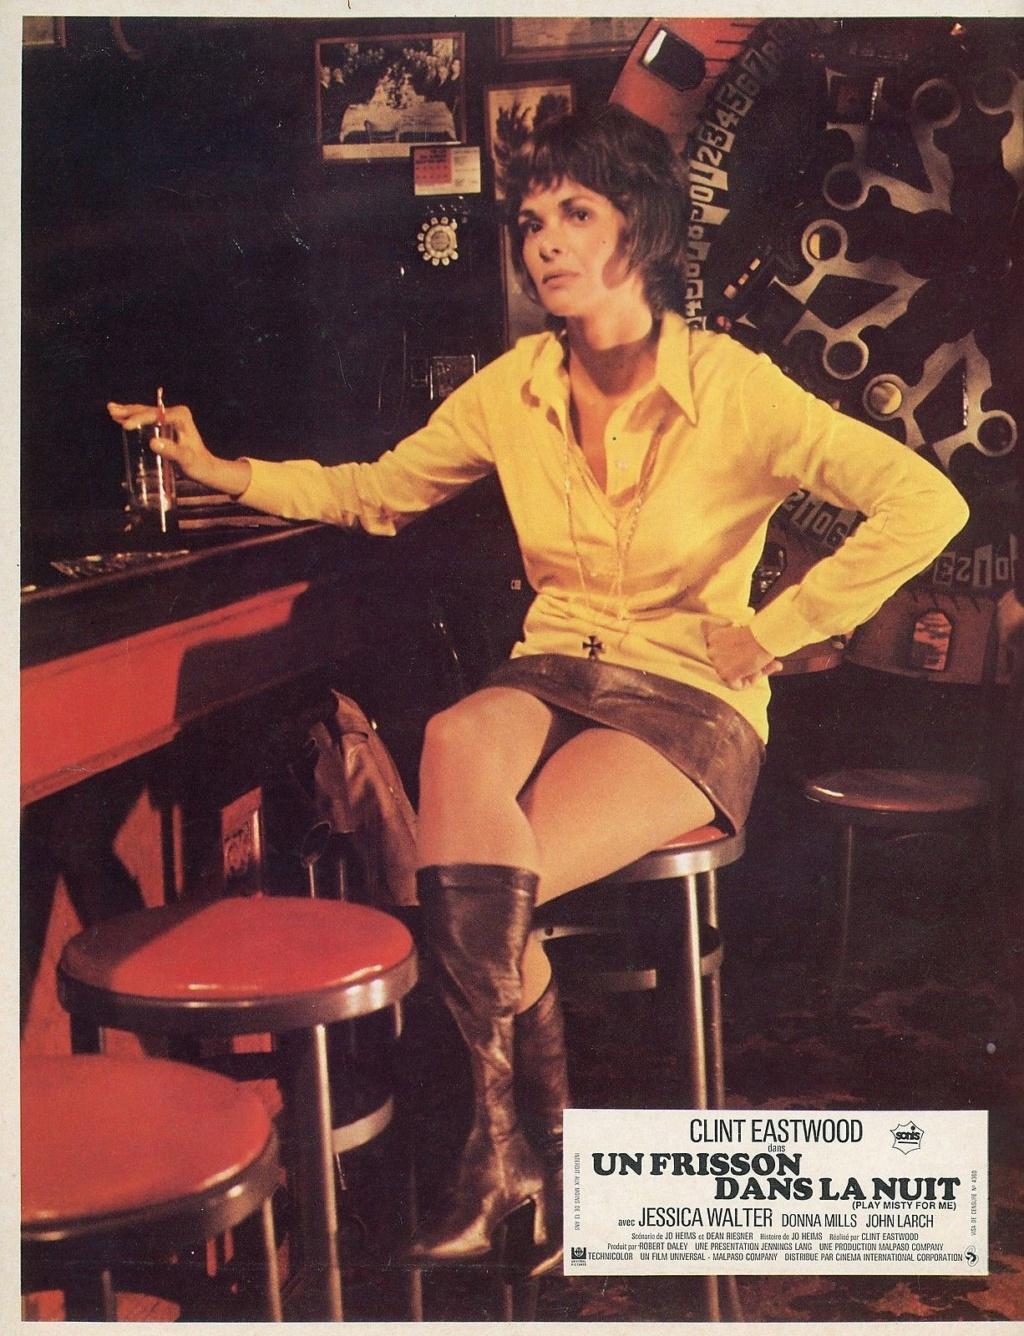 Un frisson dans la nuit. Play Misty for Me. 1971. Clint Eastwood. 2210